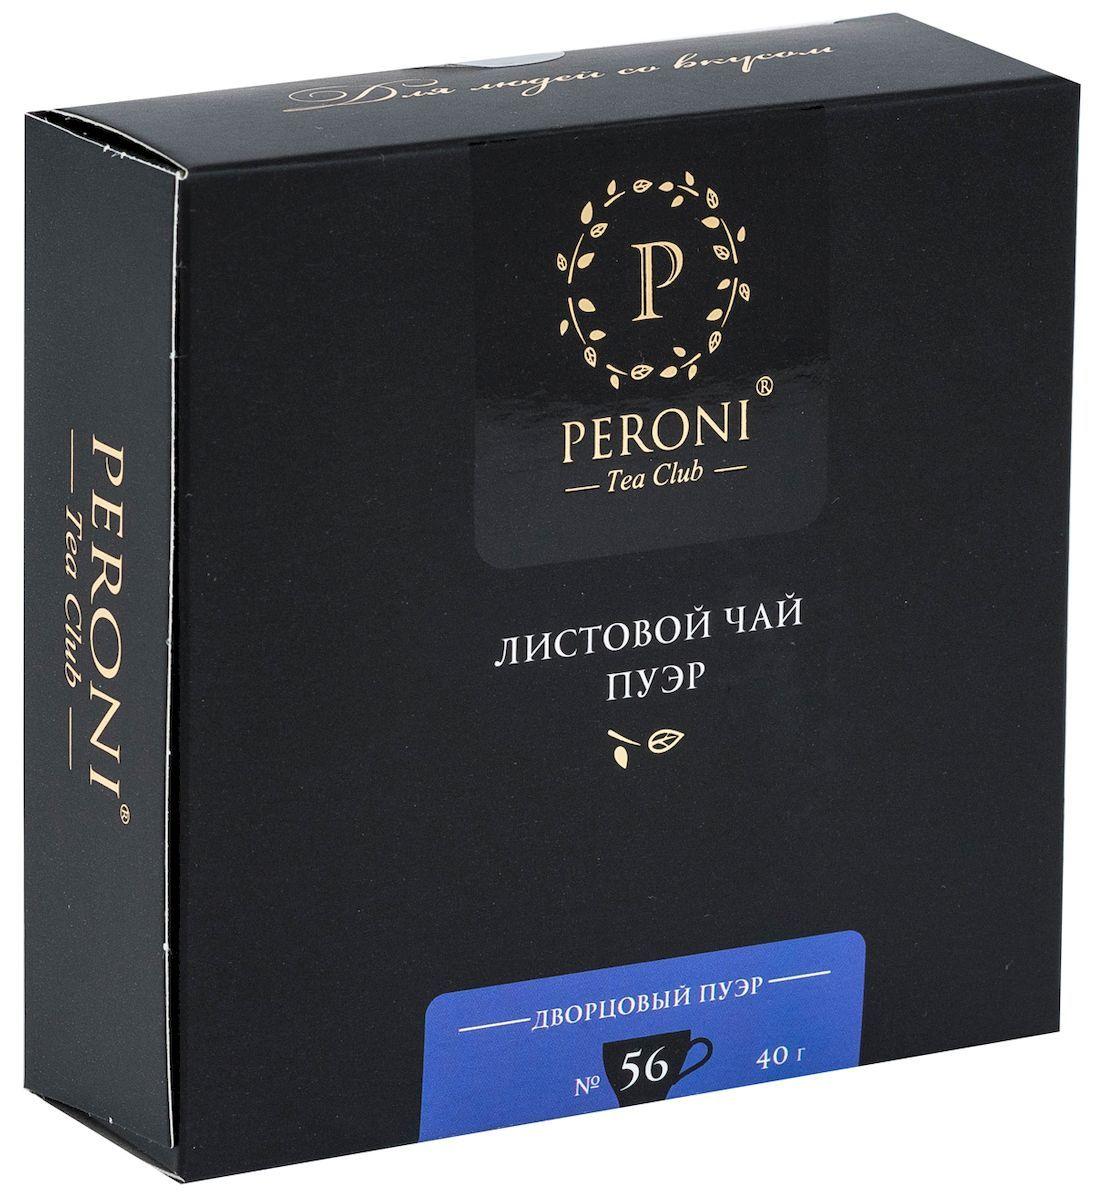 Peroni Чай Дворцовый пуэр, 40 г чай пуэр 100